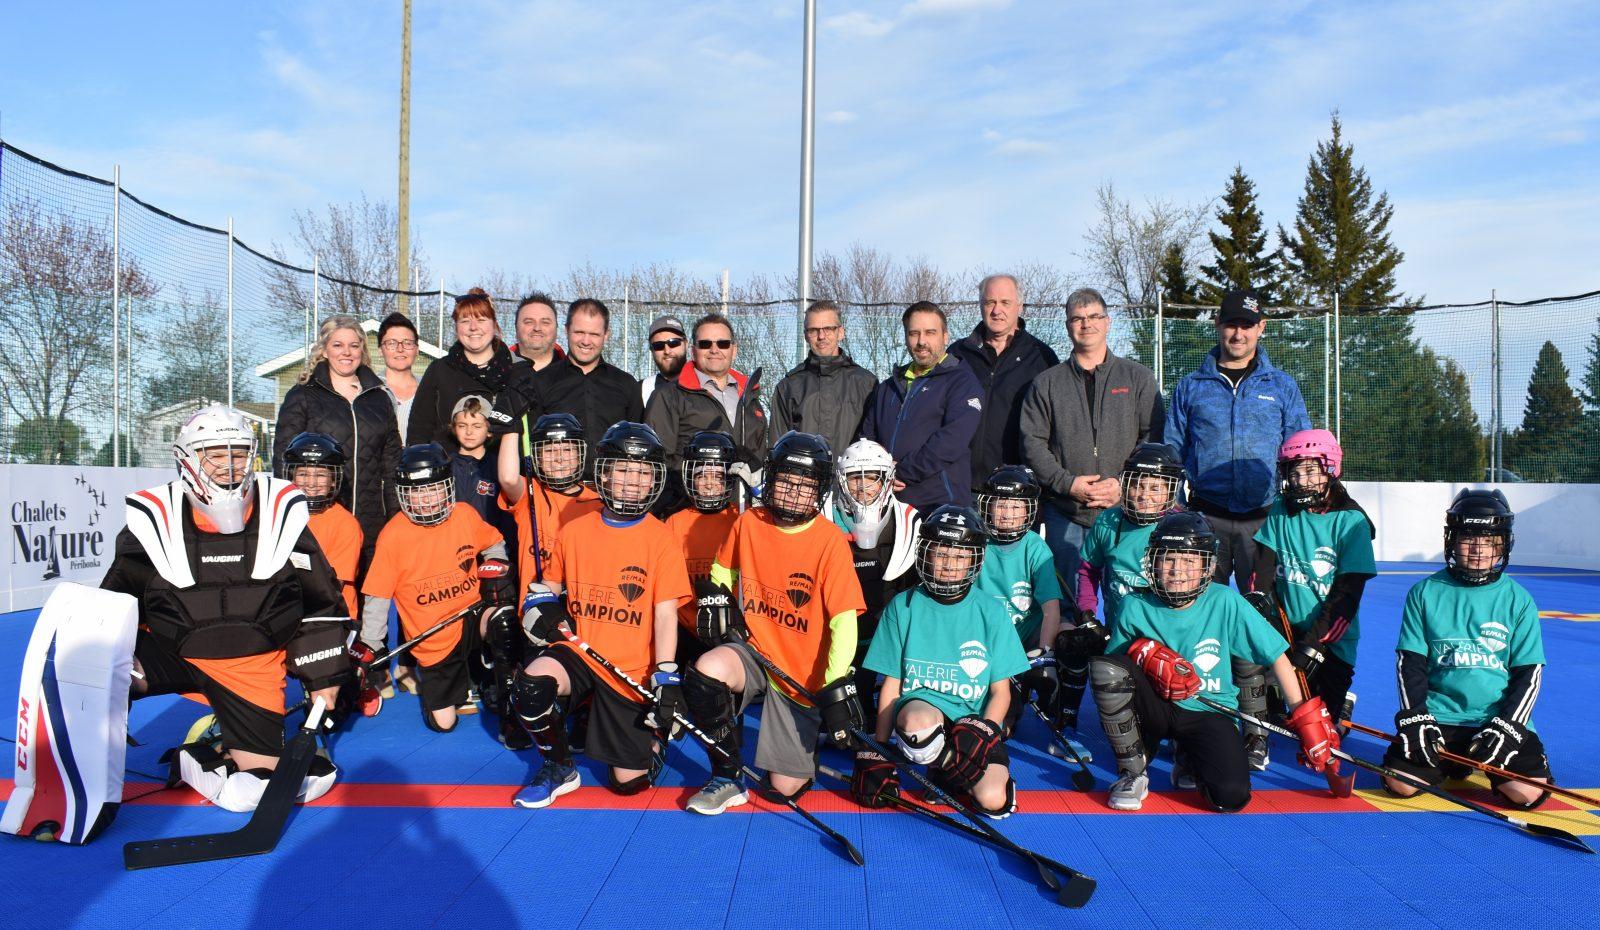 La surface de dek hockey officiellement inaugurée